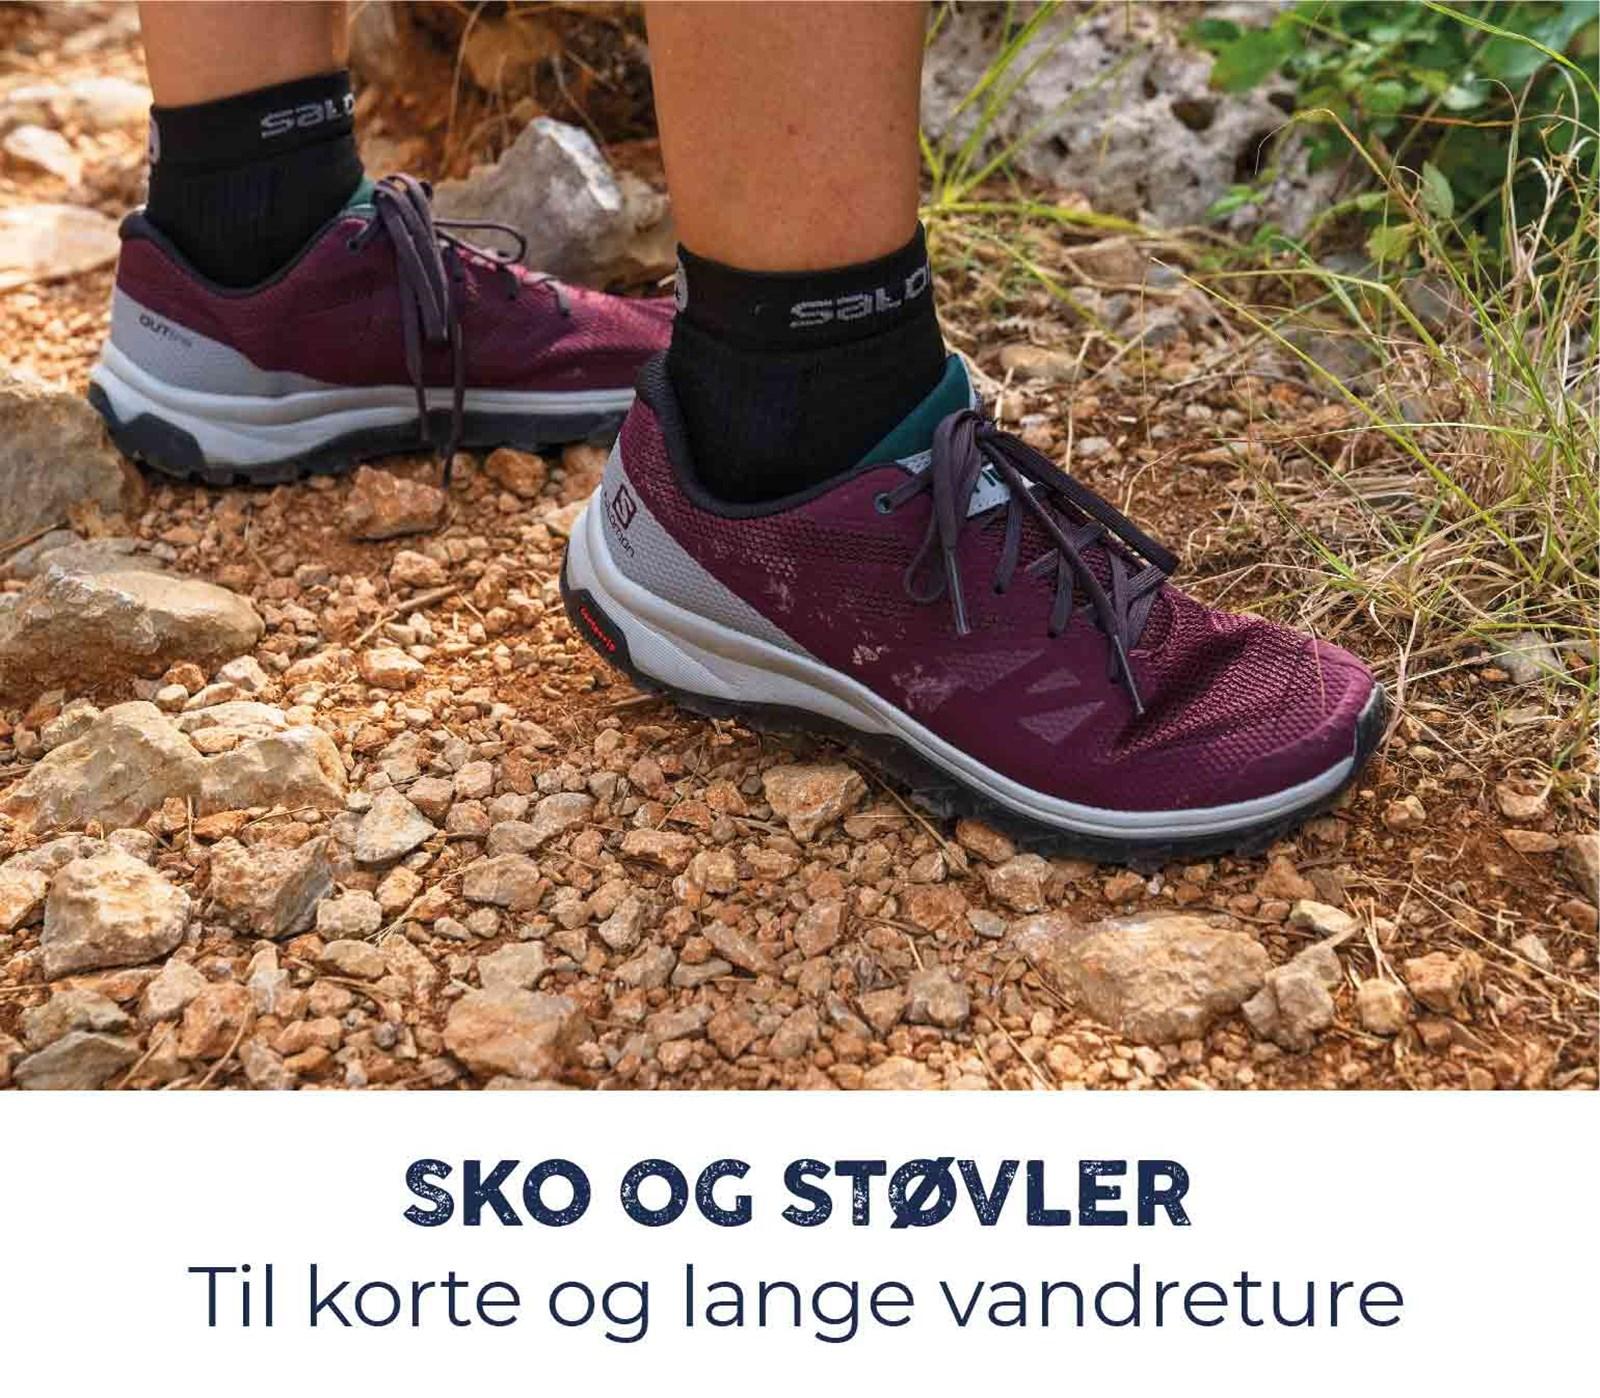 Sko og støvler til korte og lange vandreture